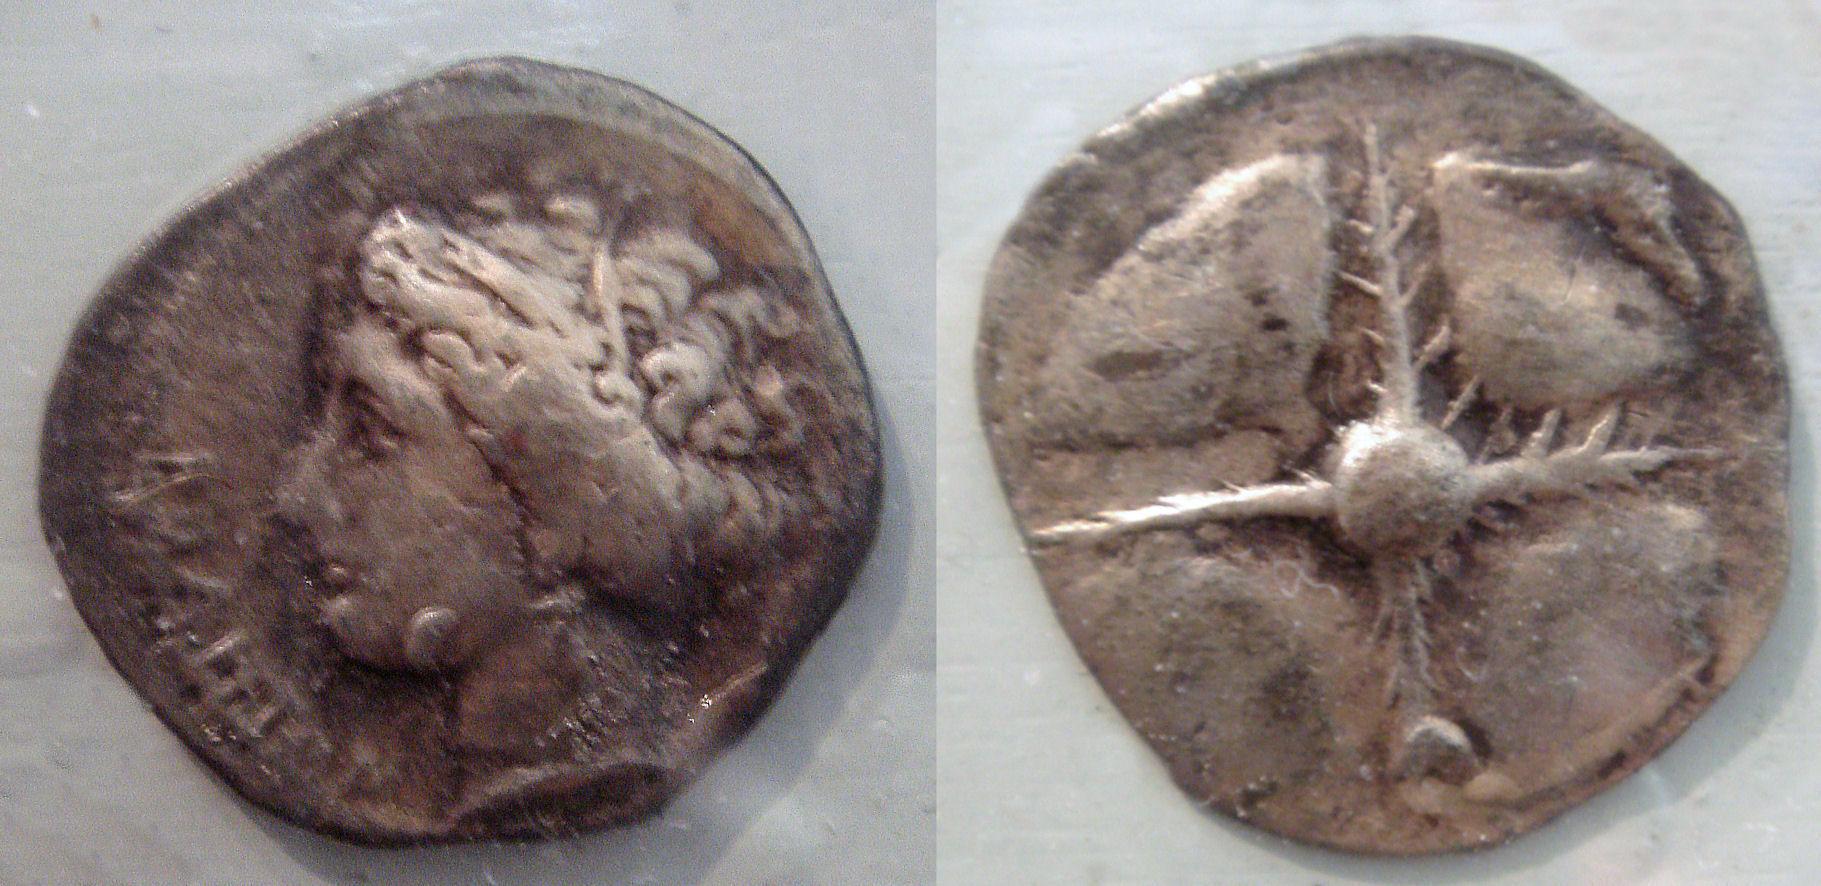 Rhoda_coins_5th_1st_century_BCE.jpg